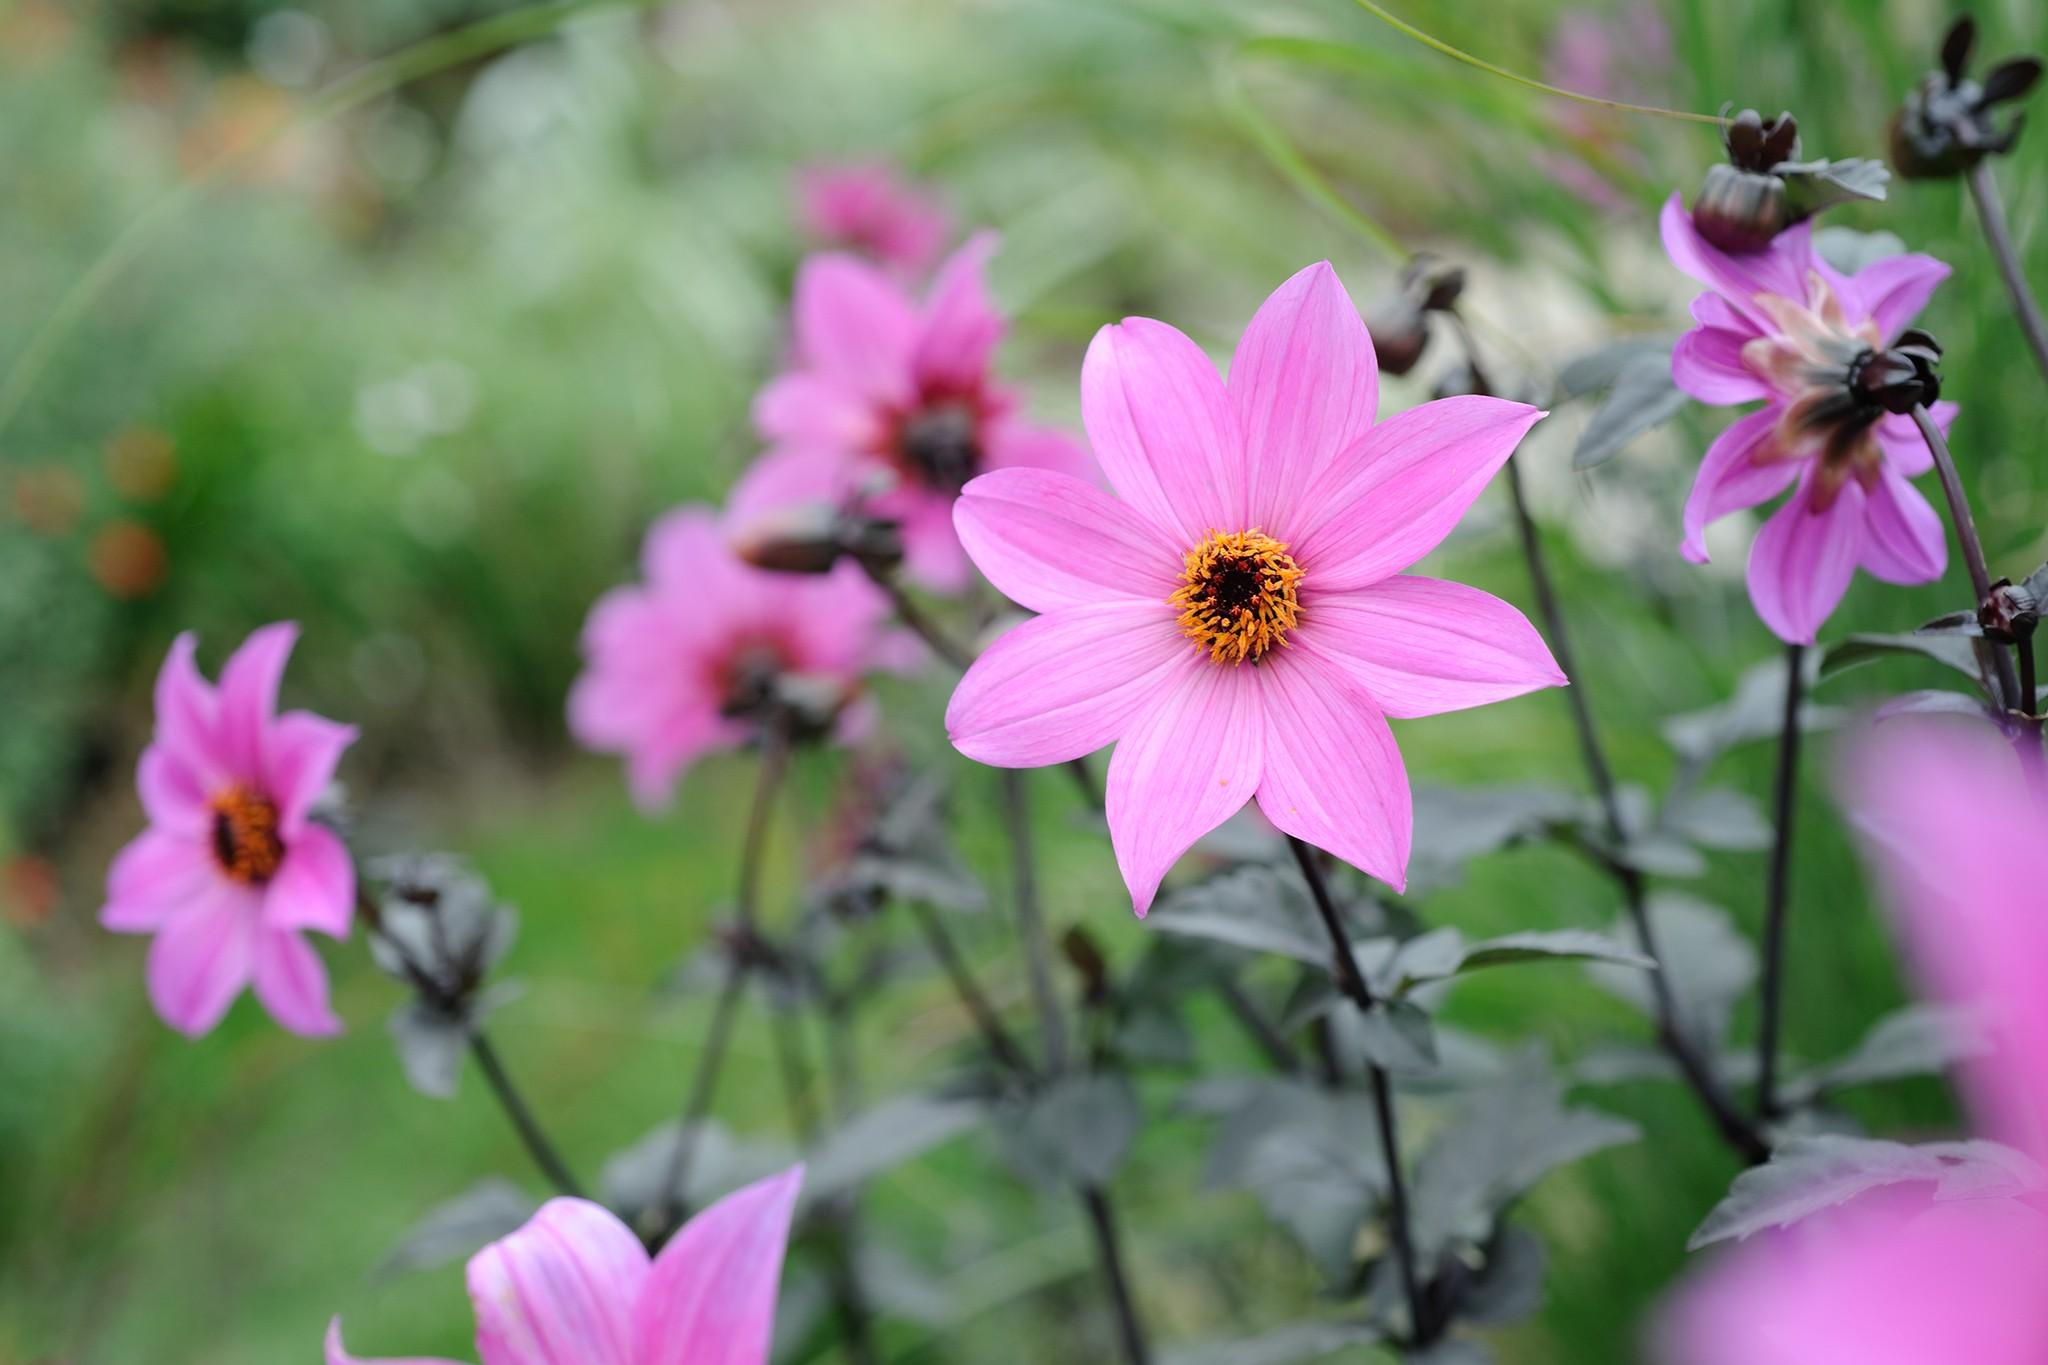 PInk-flowered dahlias - Dahlia 'Magenta Star'